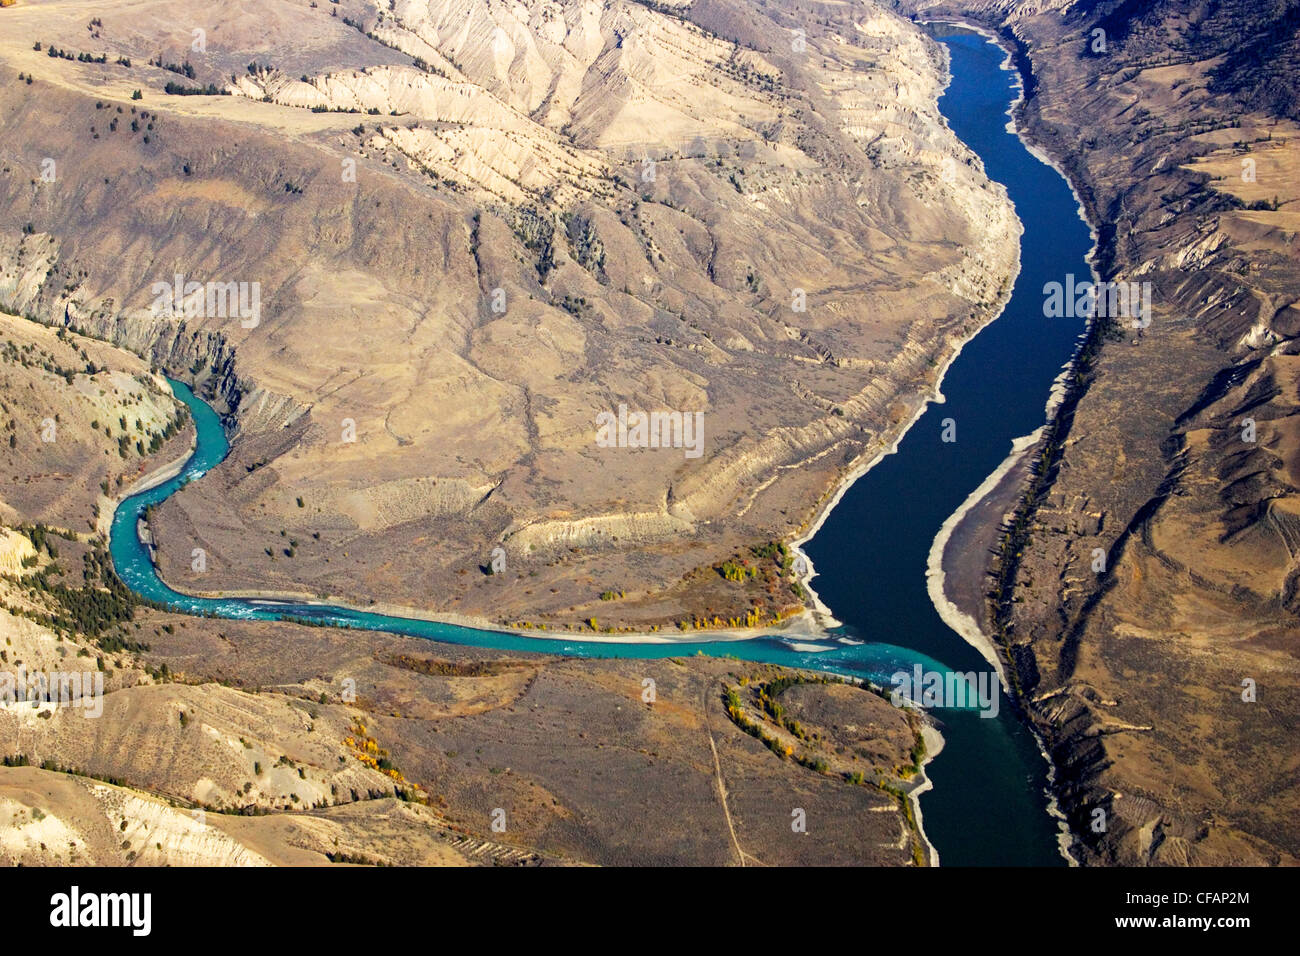 Antena de la confluencia de los ríos Fraser & Chilcotin en British Columbia, Canadá Imagen De Stock